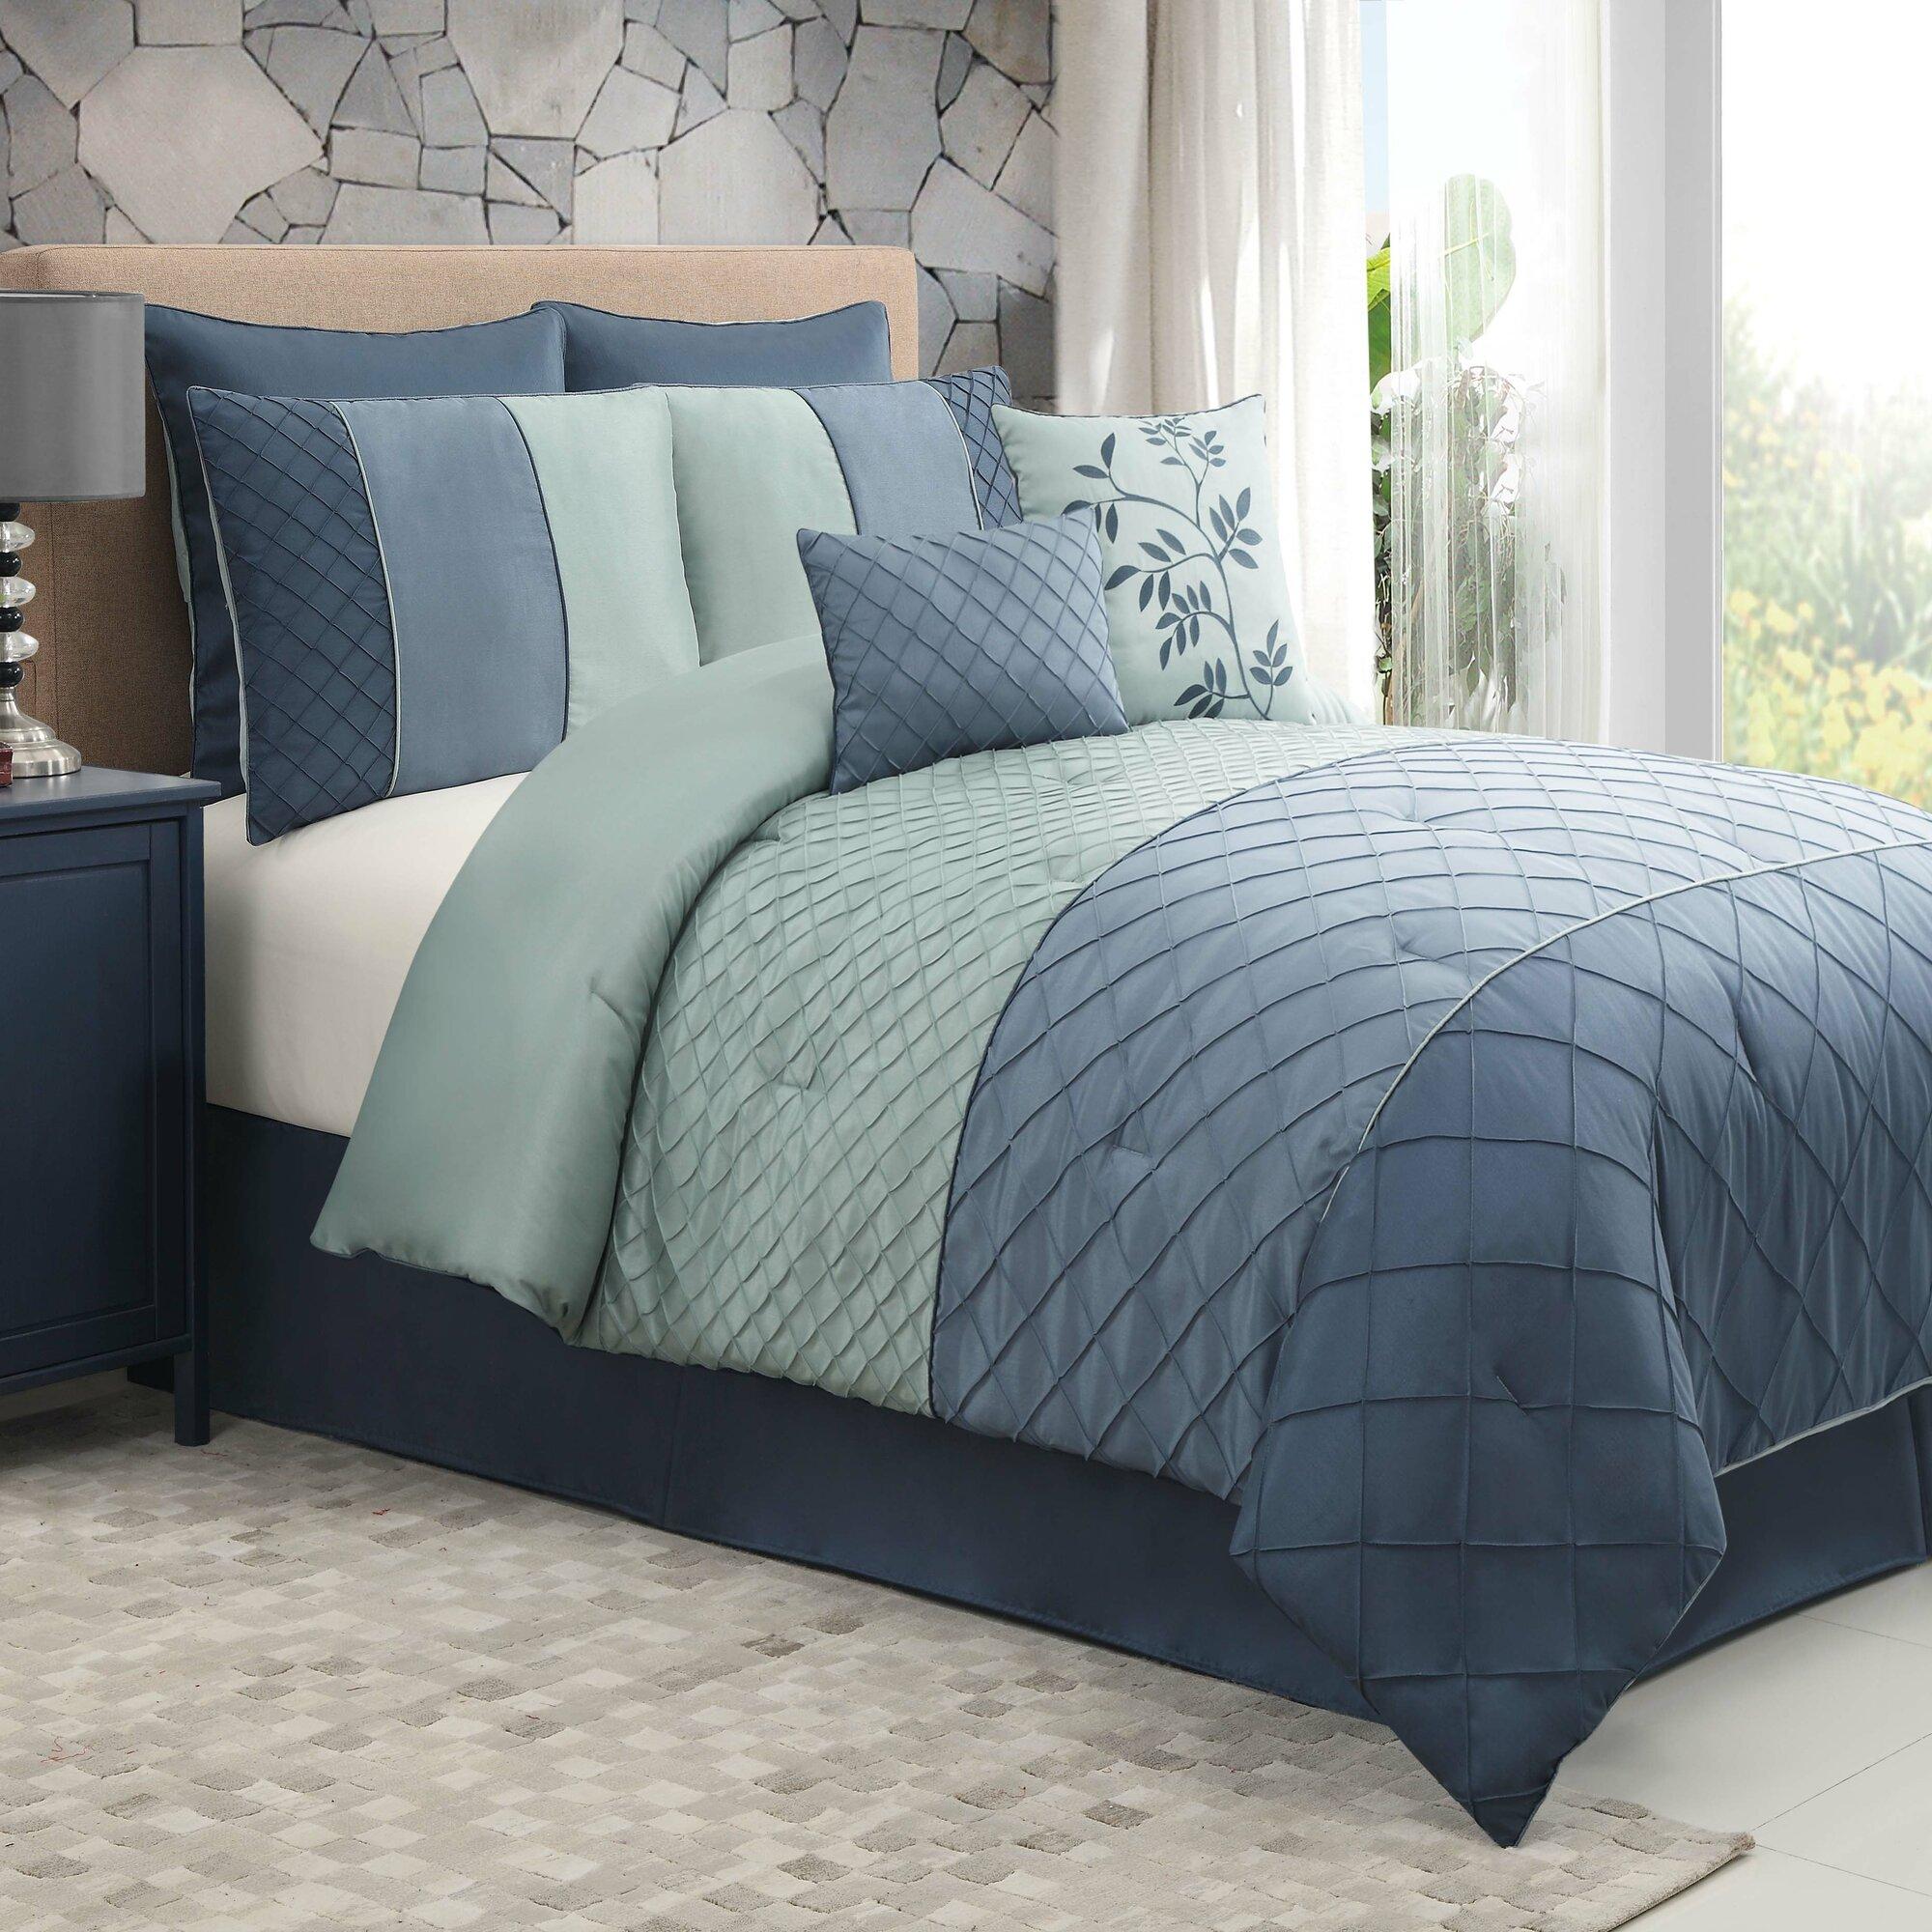 Details about victoria classics covington 8 piece comforter set